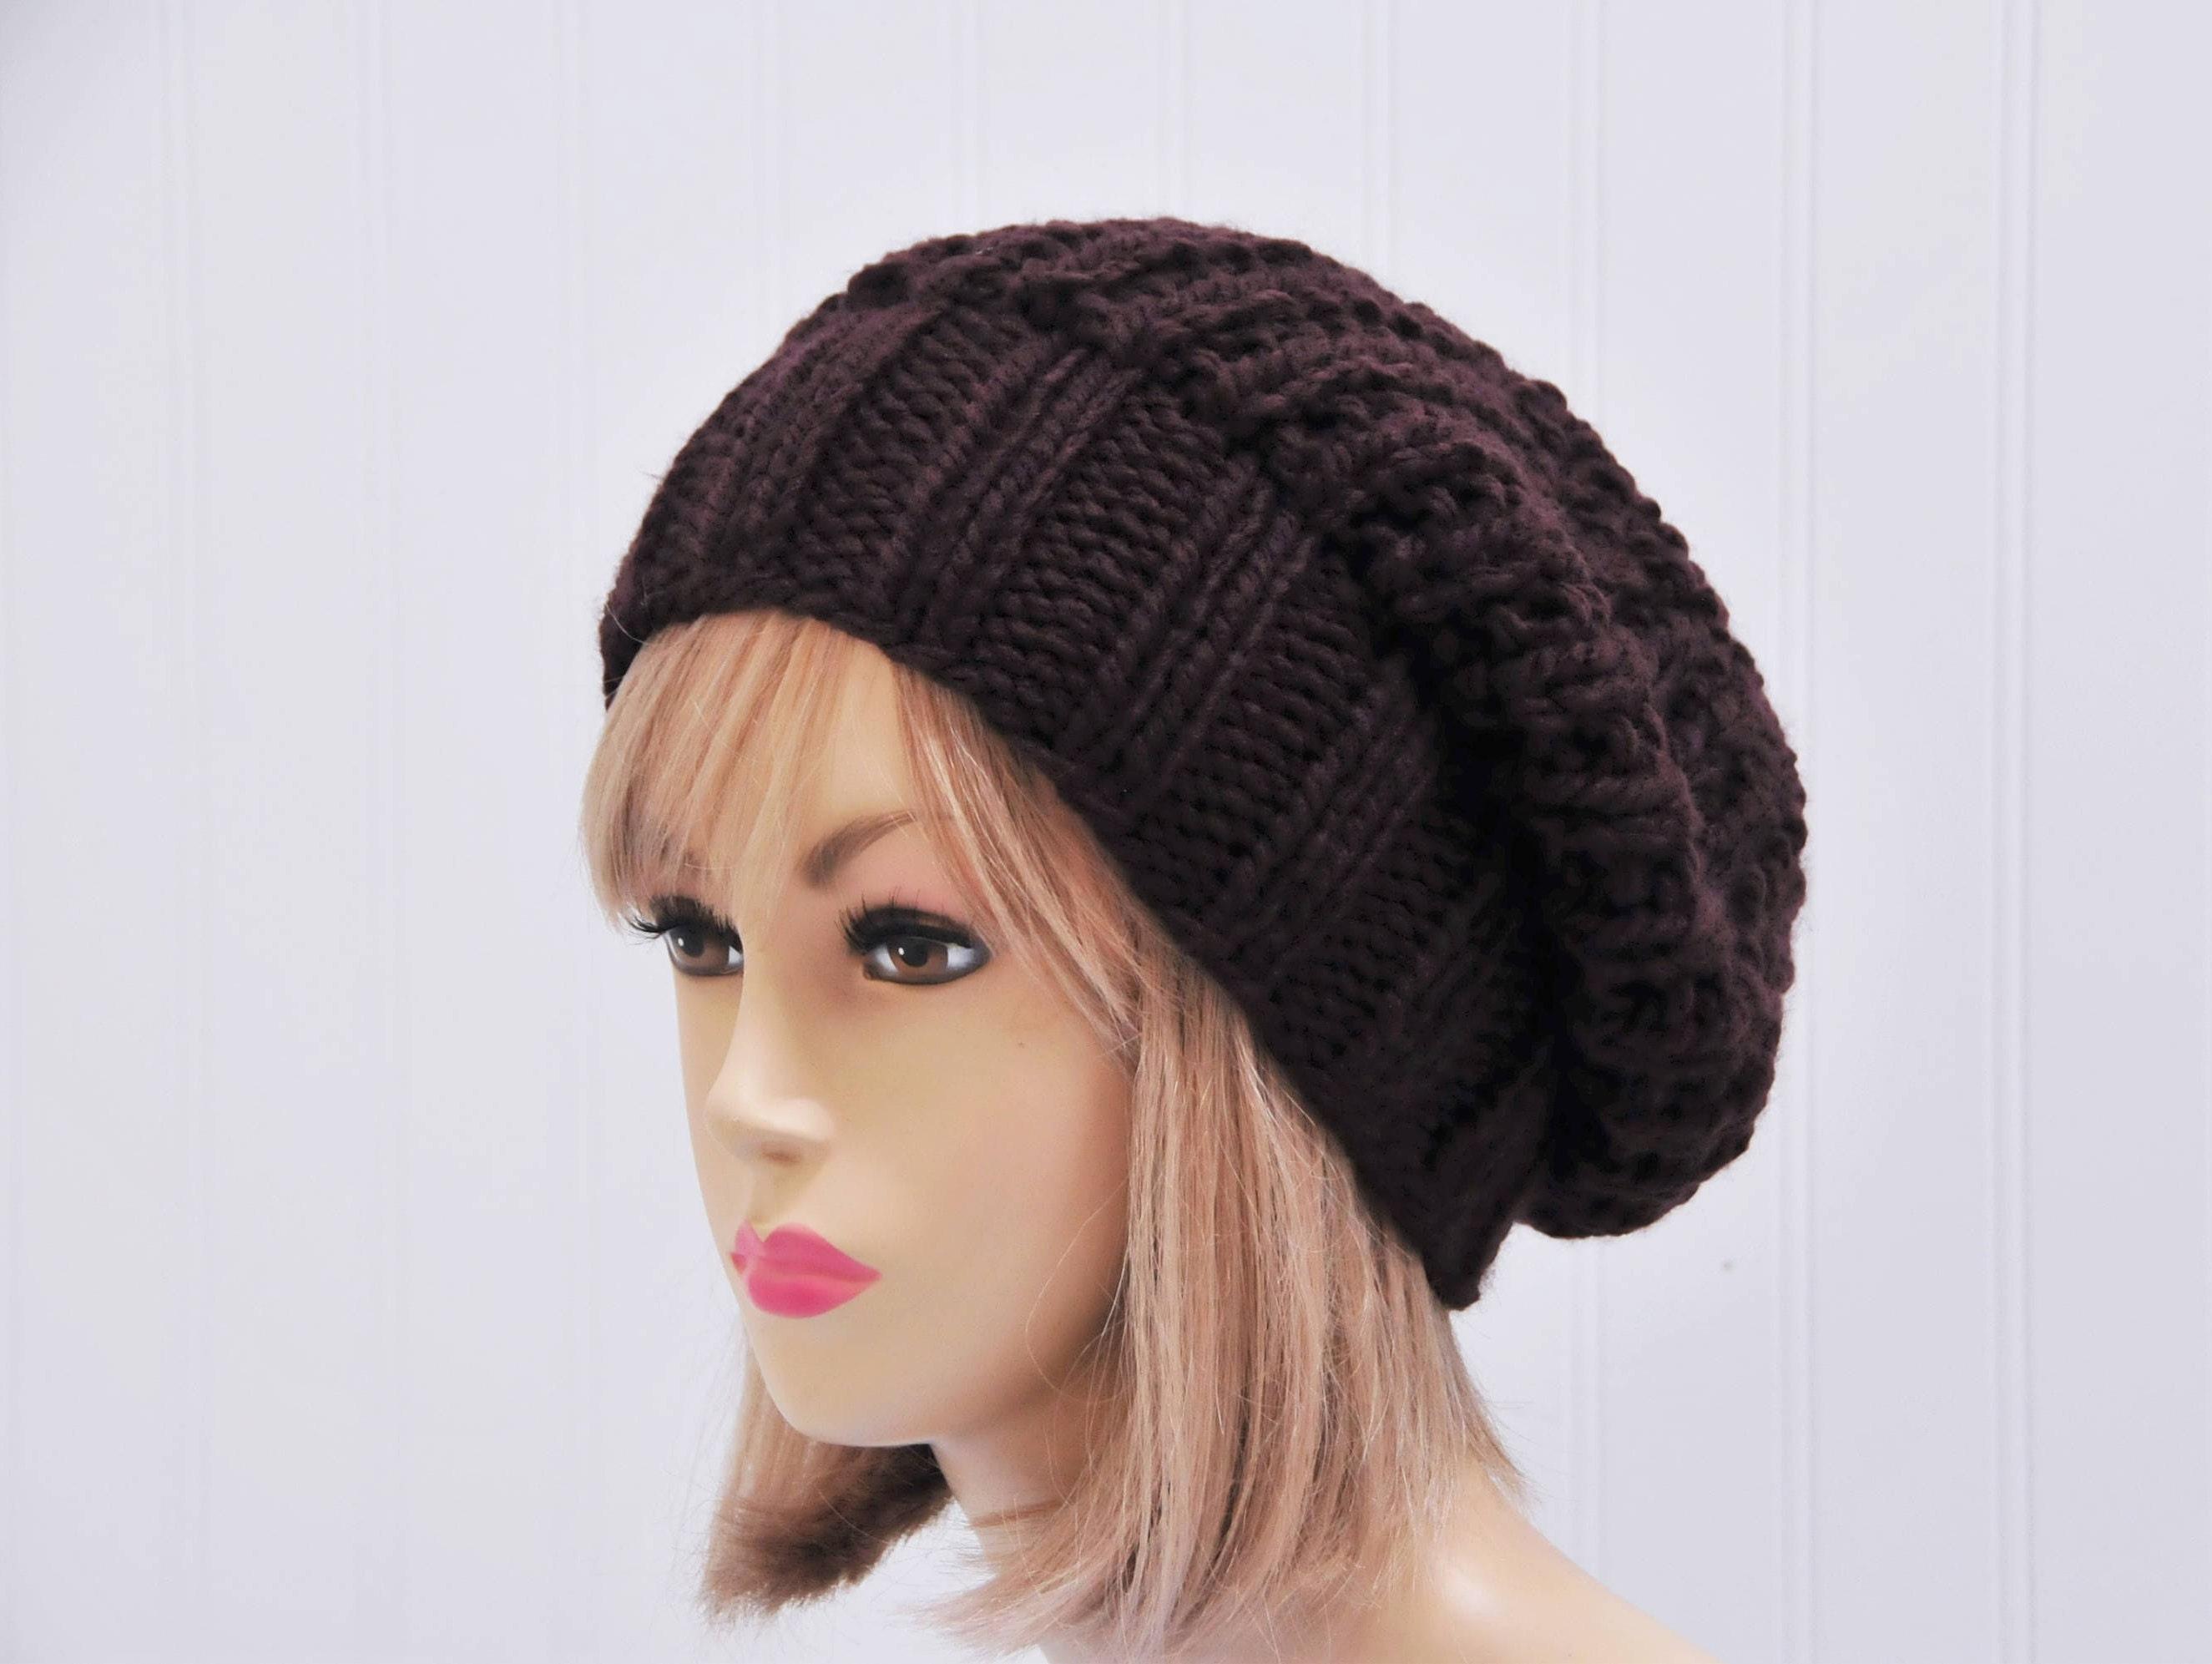 75c68333bb5 Slouchy Hat Espresso Dark Brown Knit Slouchy Beanie Hat